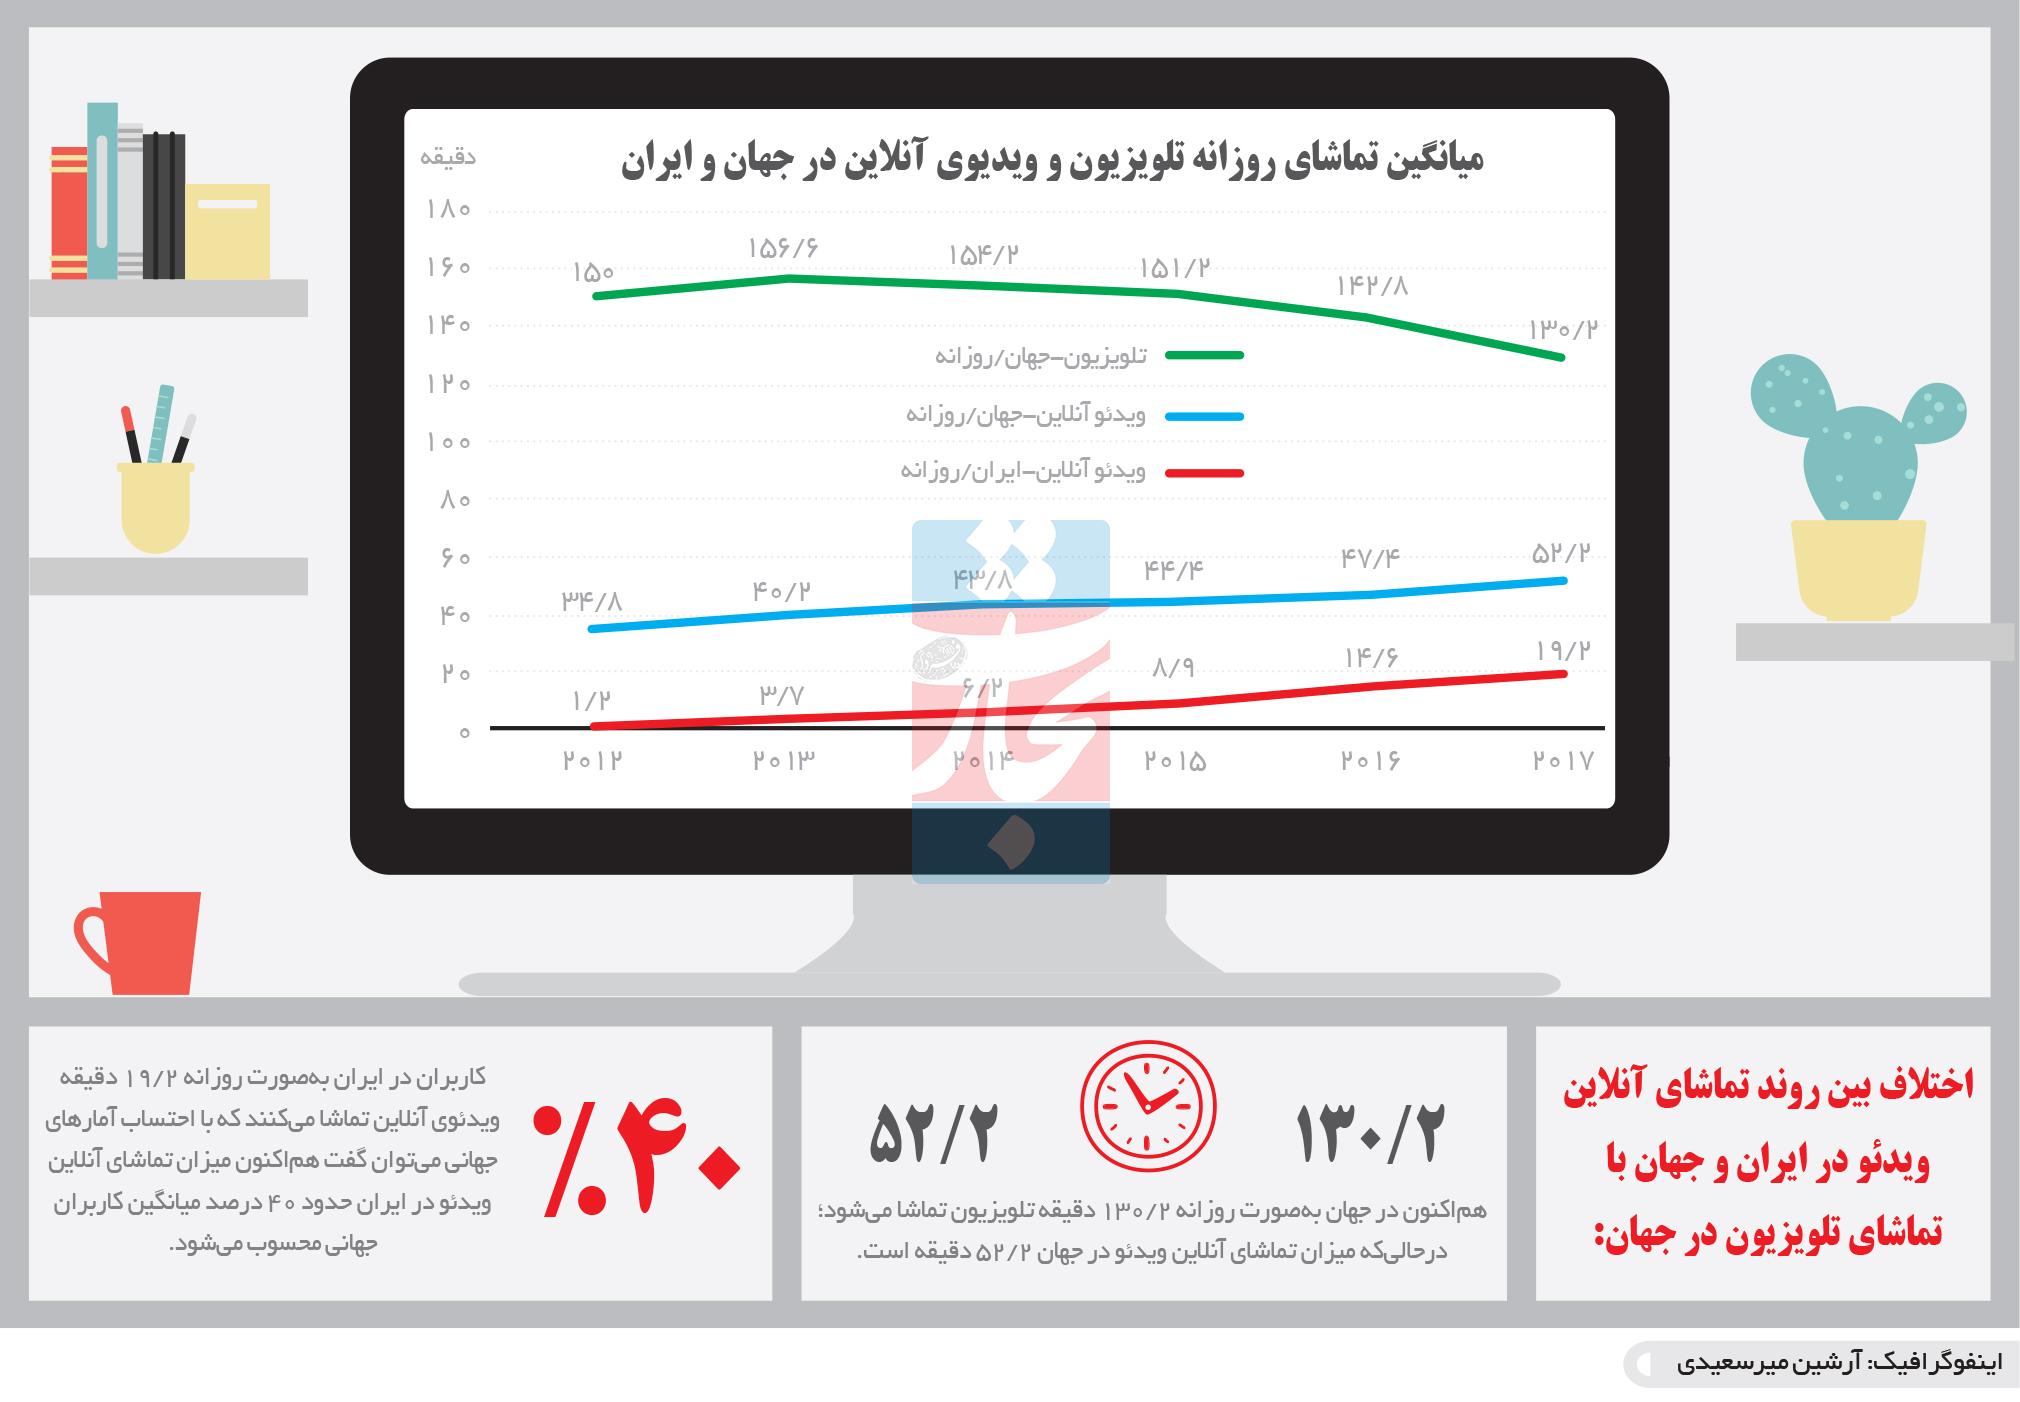 تجارت- فردا- میانگین تماشای روزانه تلویزیون و ویدیوی آنلاین در جهان و ایران (اینفوگرافیک)